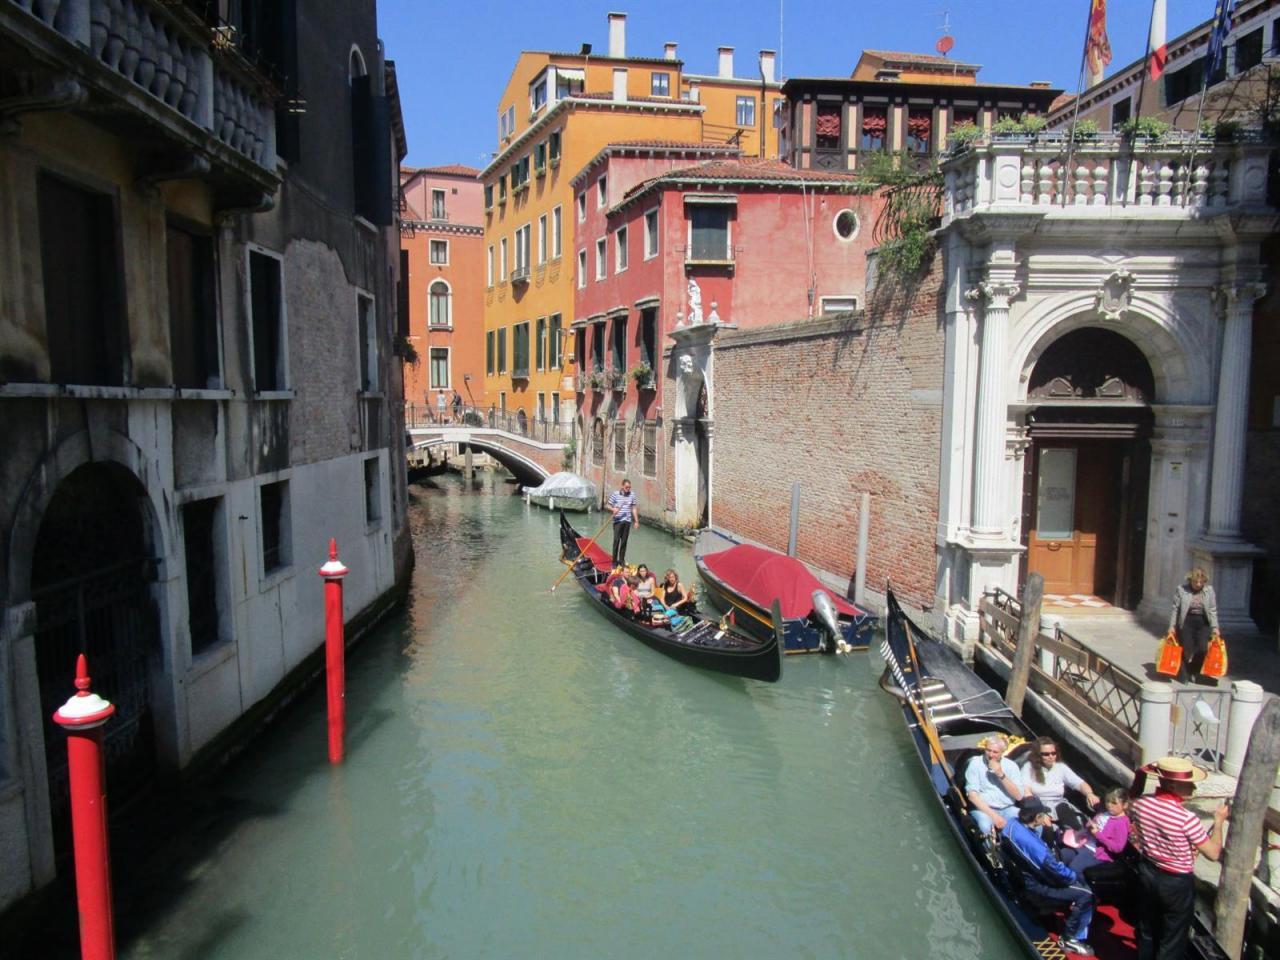 Benátky - Na skok do Benátek